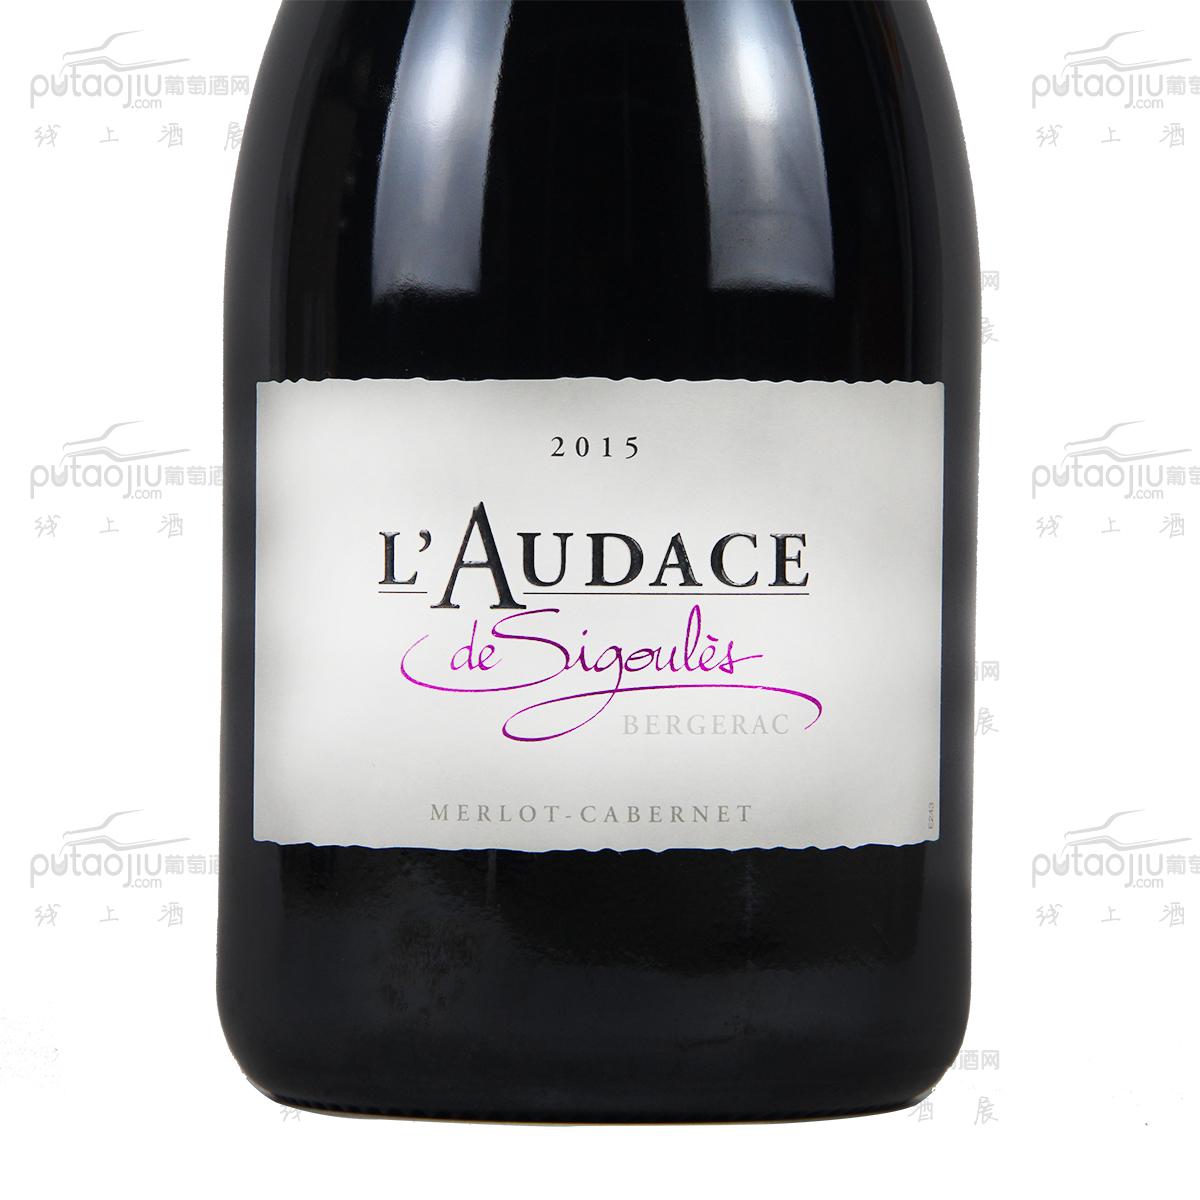 法国贝尔热拉克彩色阿基坦大酒窖混酿奥达斯窖藏AOP级别干红葡萄酒